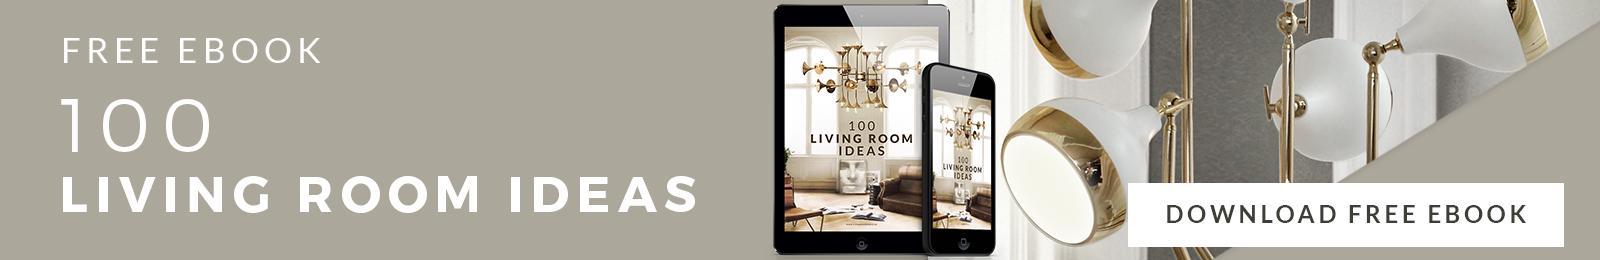 журнальный столик Как правильно стилизировать журнальный столик 100 living room ideas blog living room ideas 1